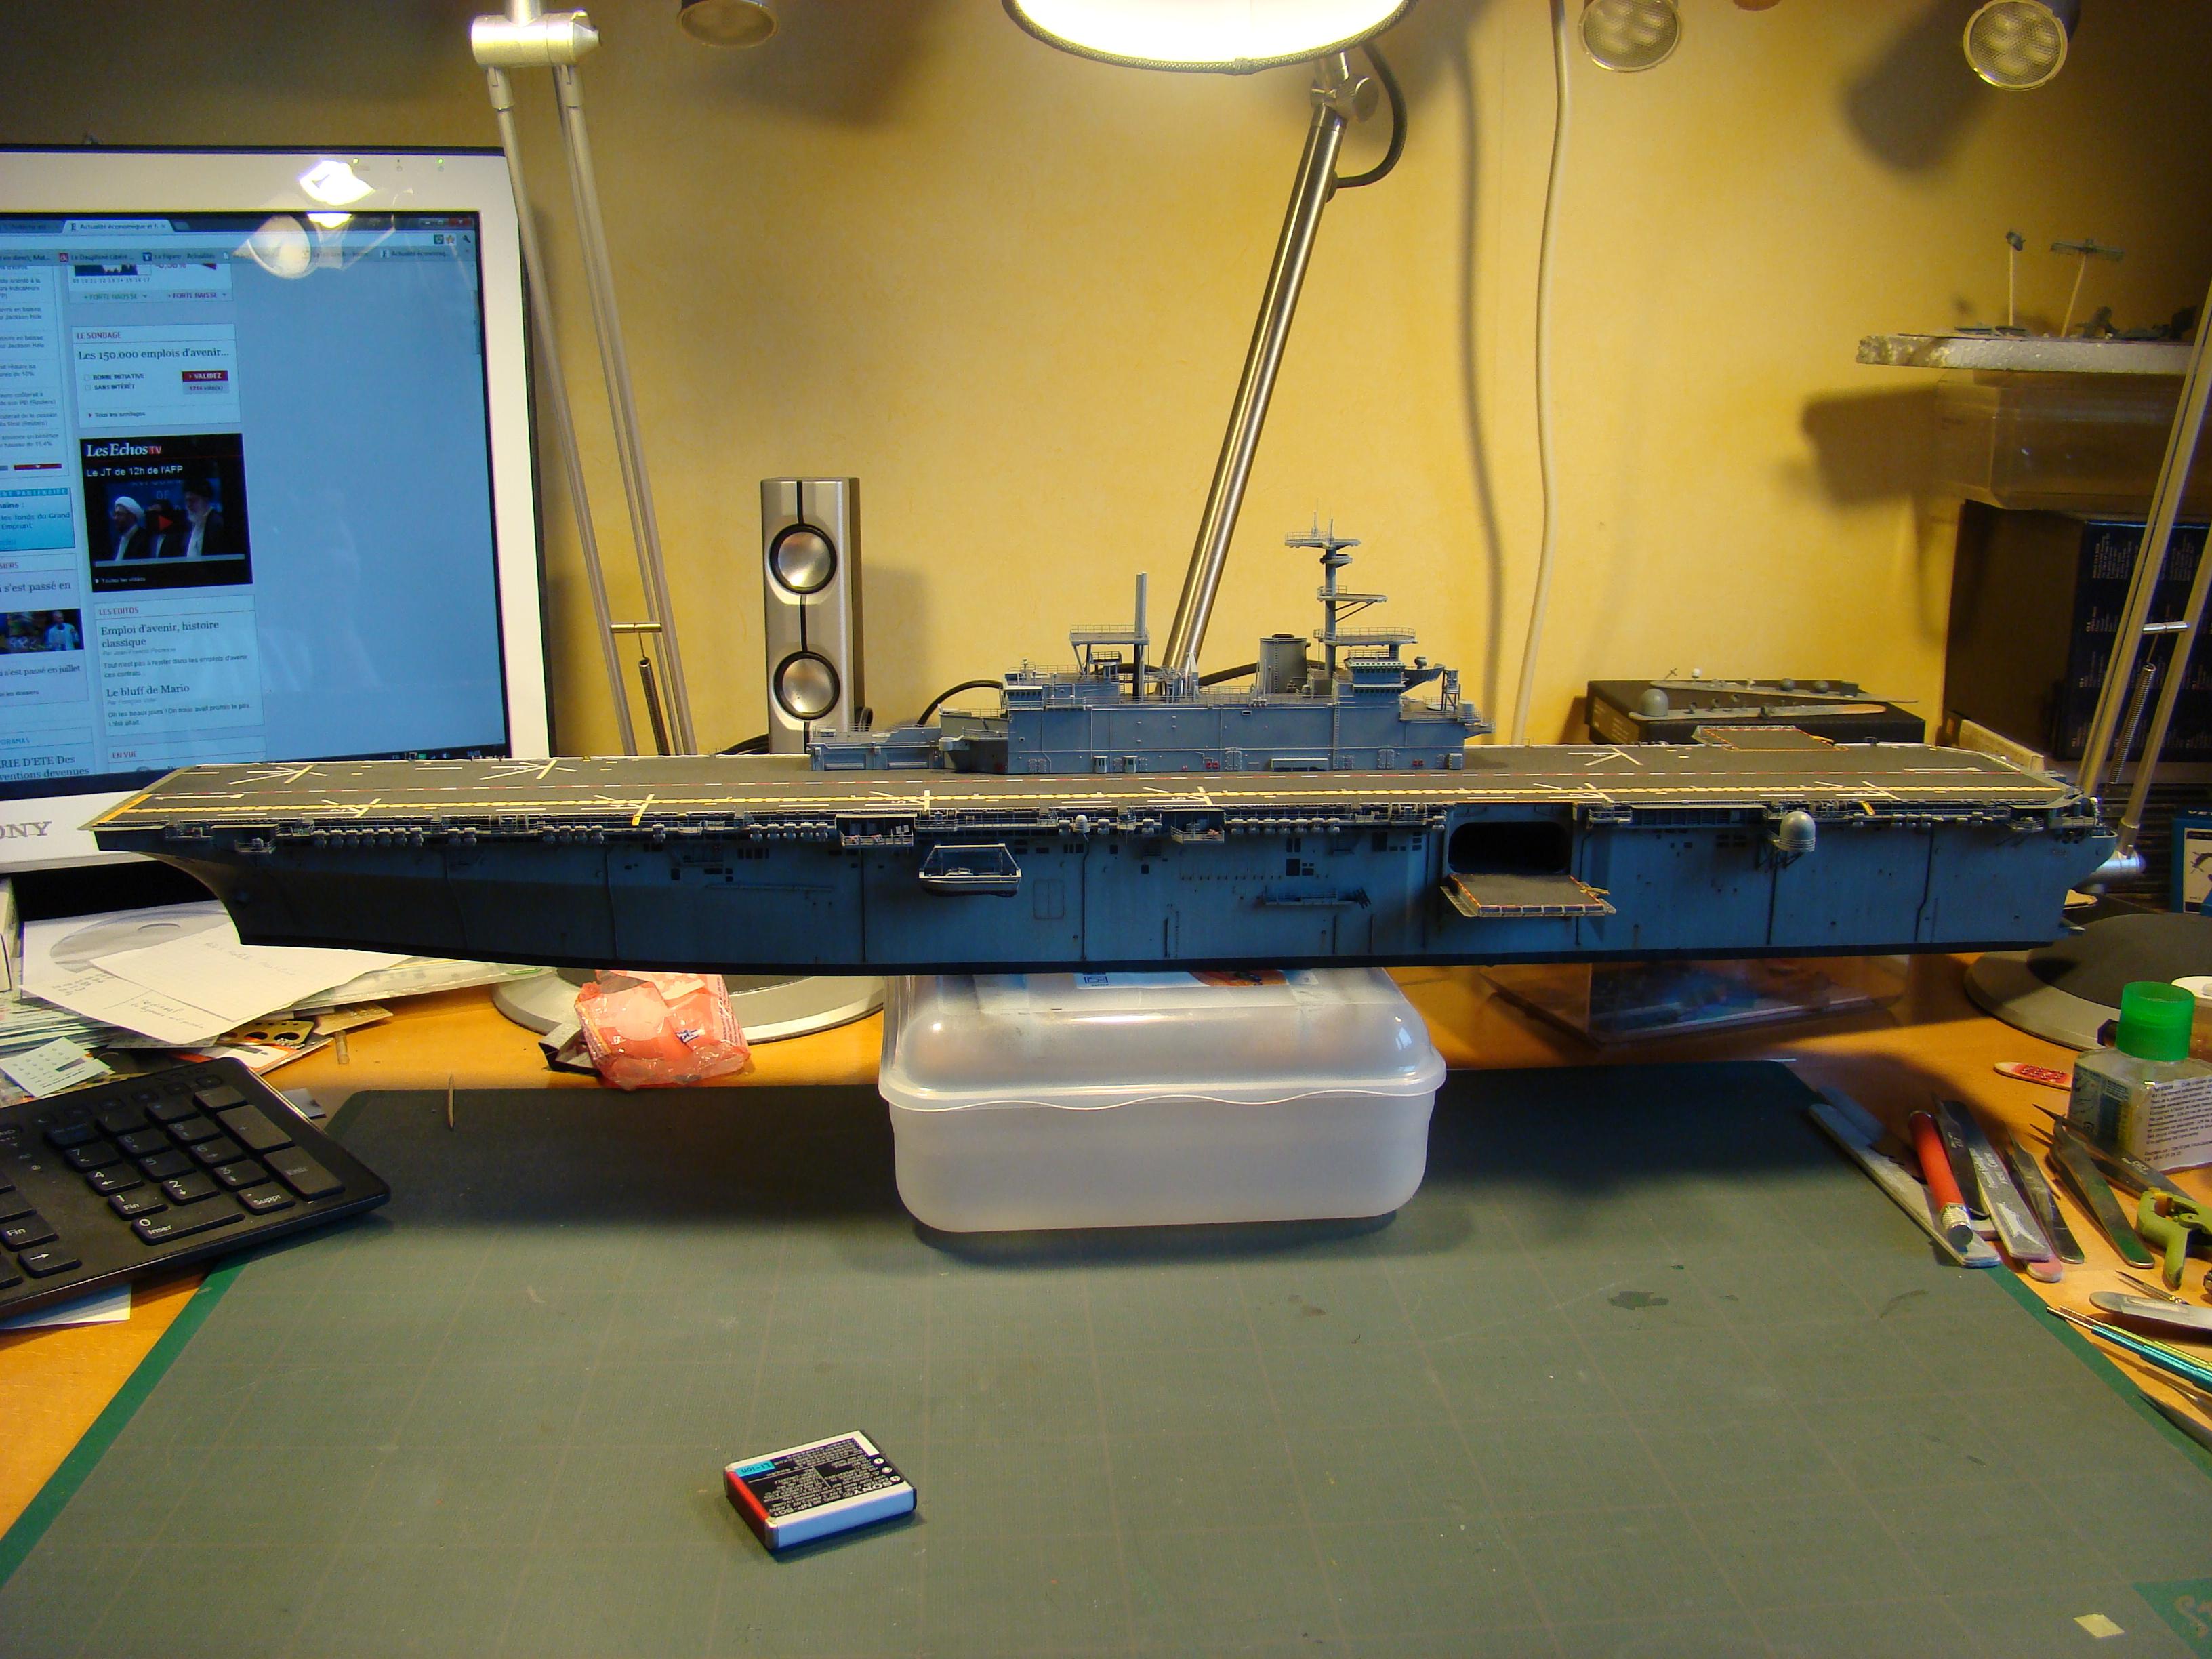 USS WASP LHD-1 au 1/350ème par nova73 - Page 8 Dsc09108h